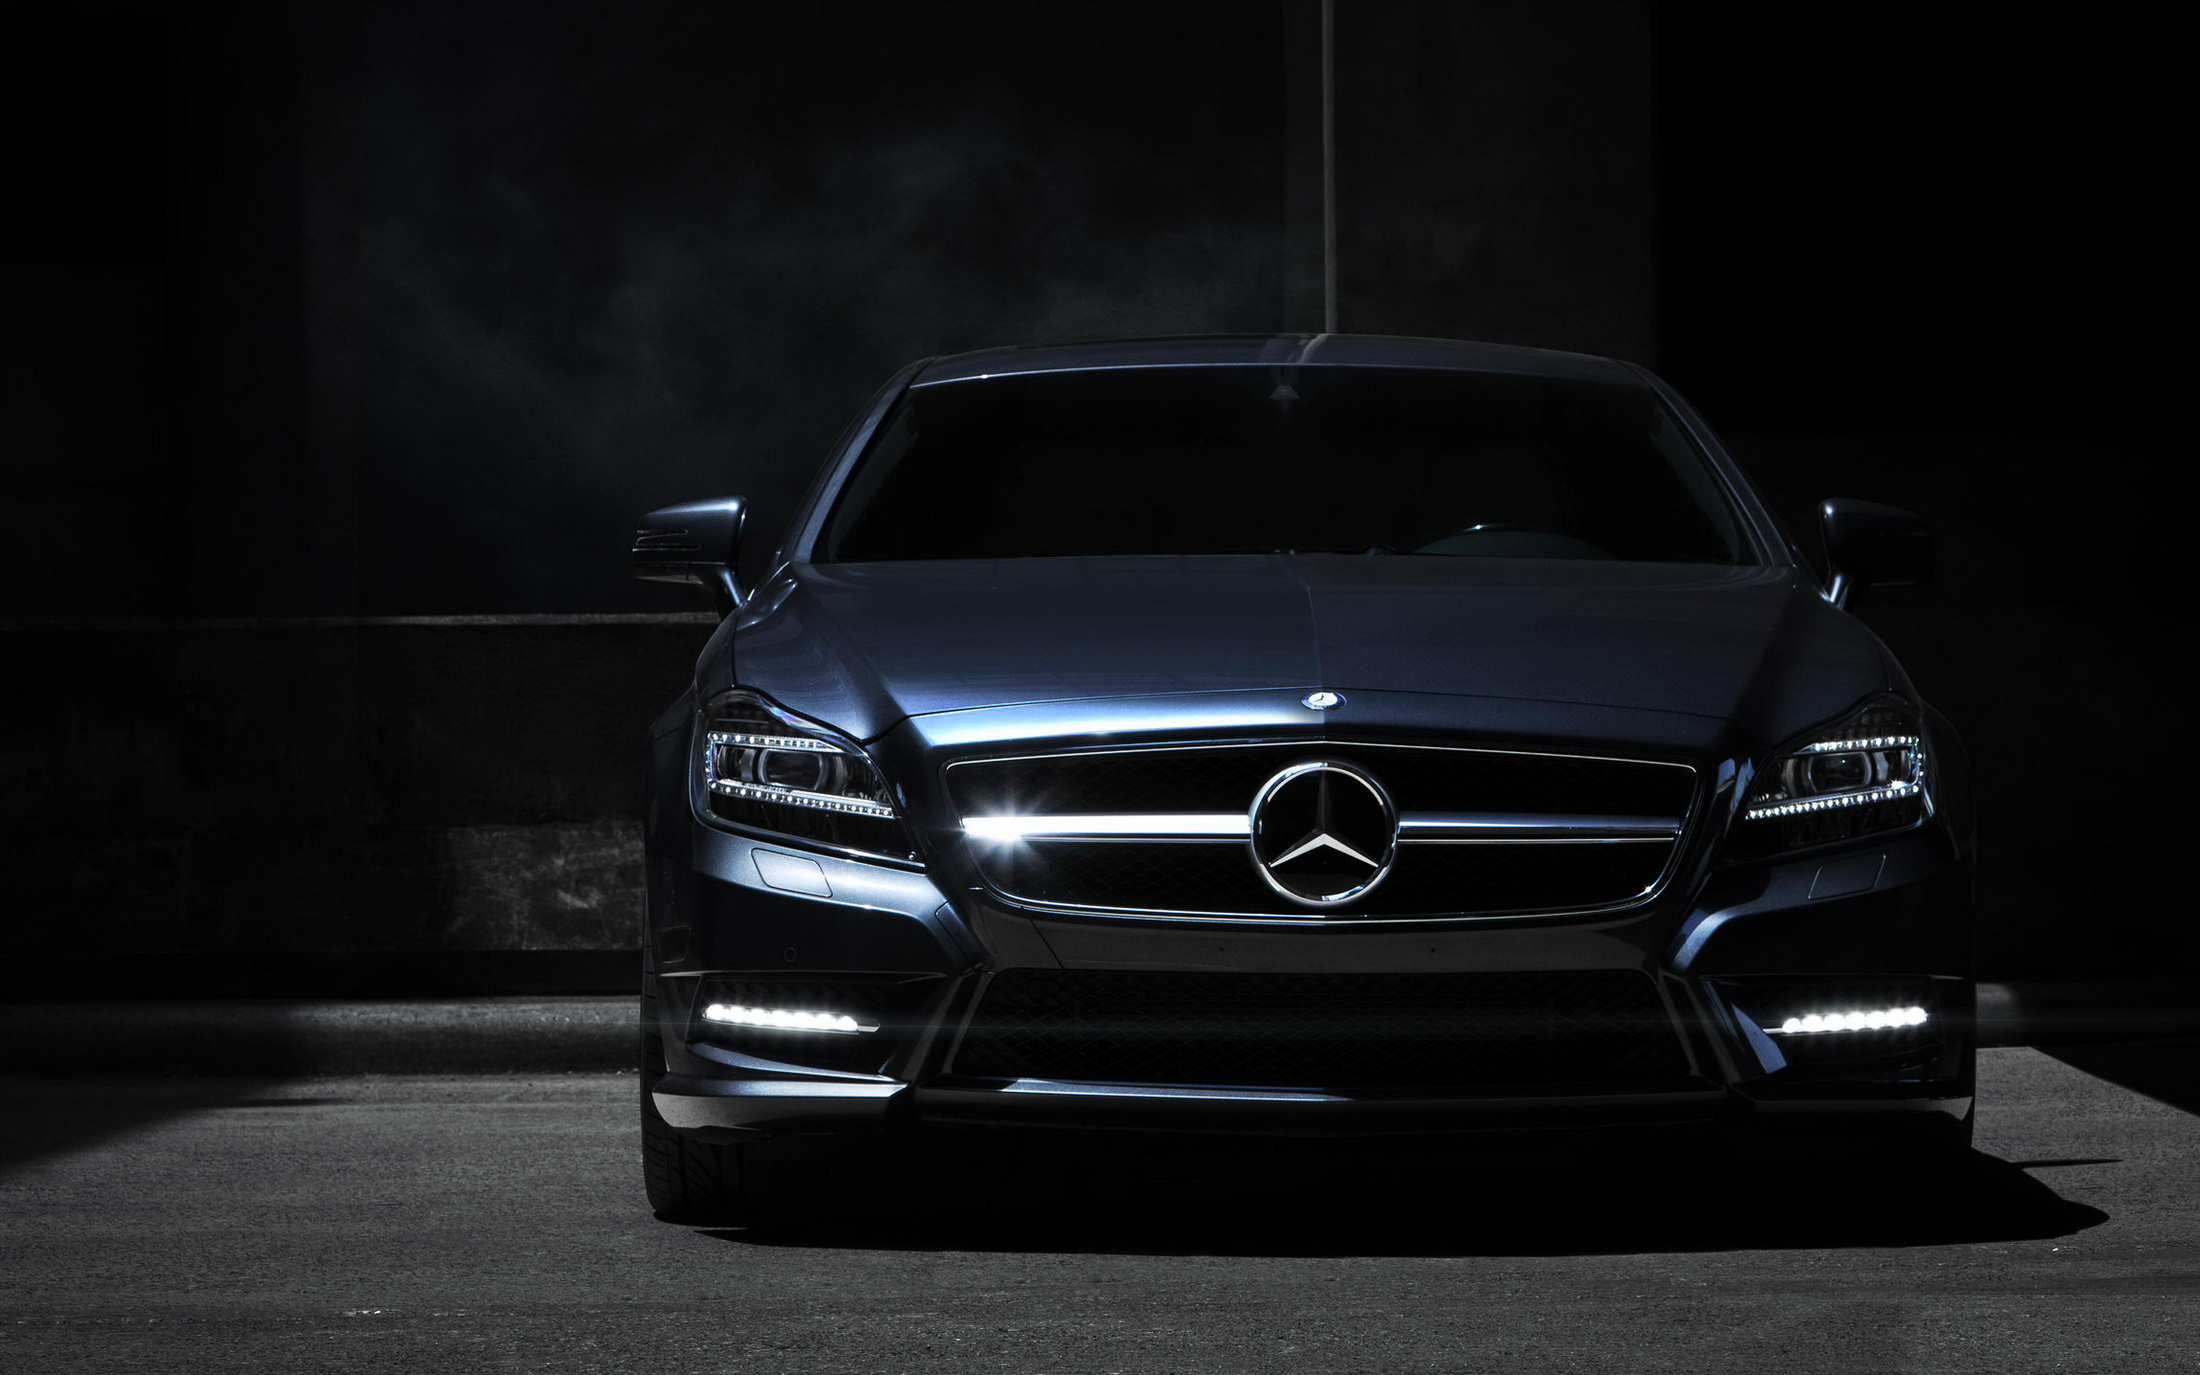 43001 скачать обои Мерседес (Mercedes), Транспорт, Машины - заставки и картинки бесплатно